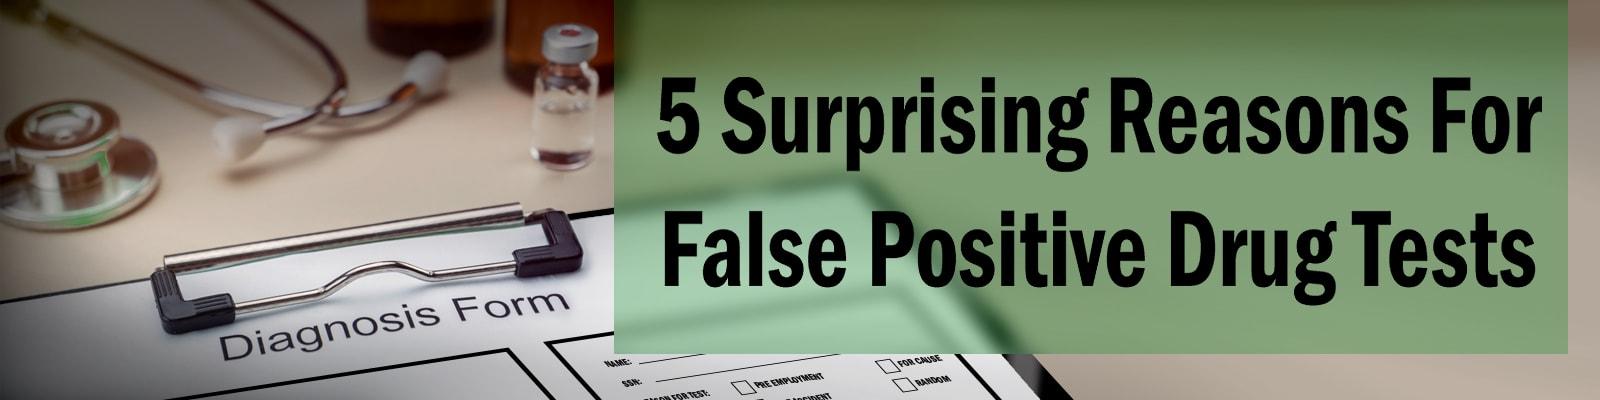 5 reasons for false positive drug tests